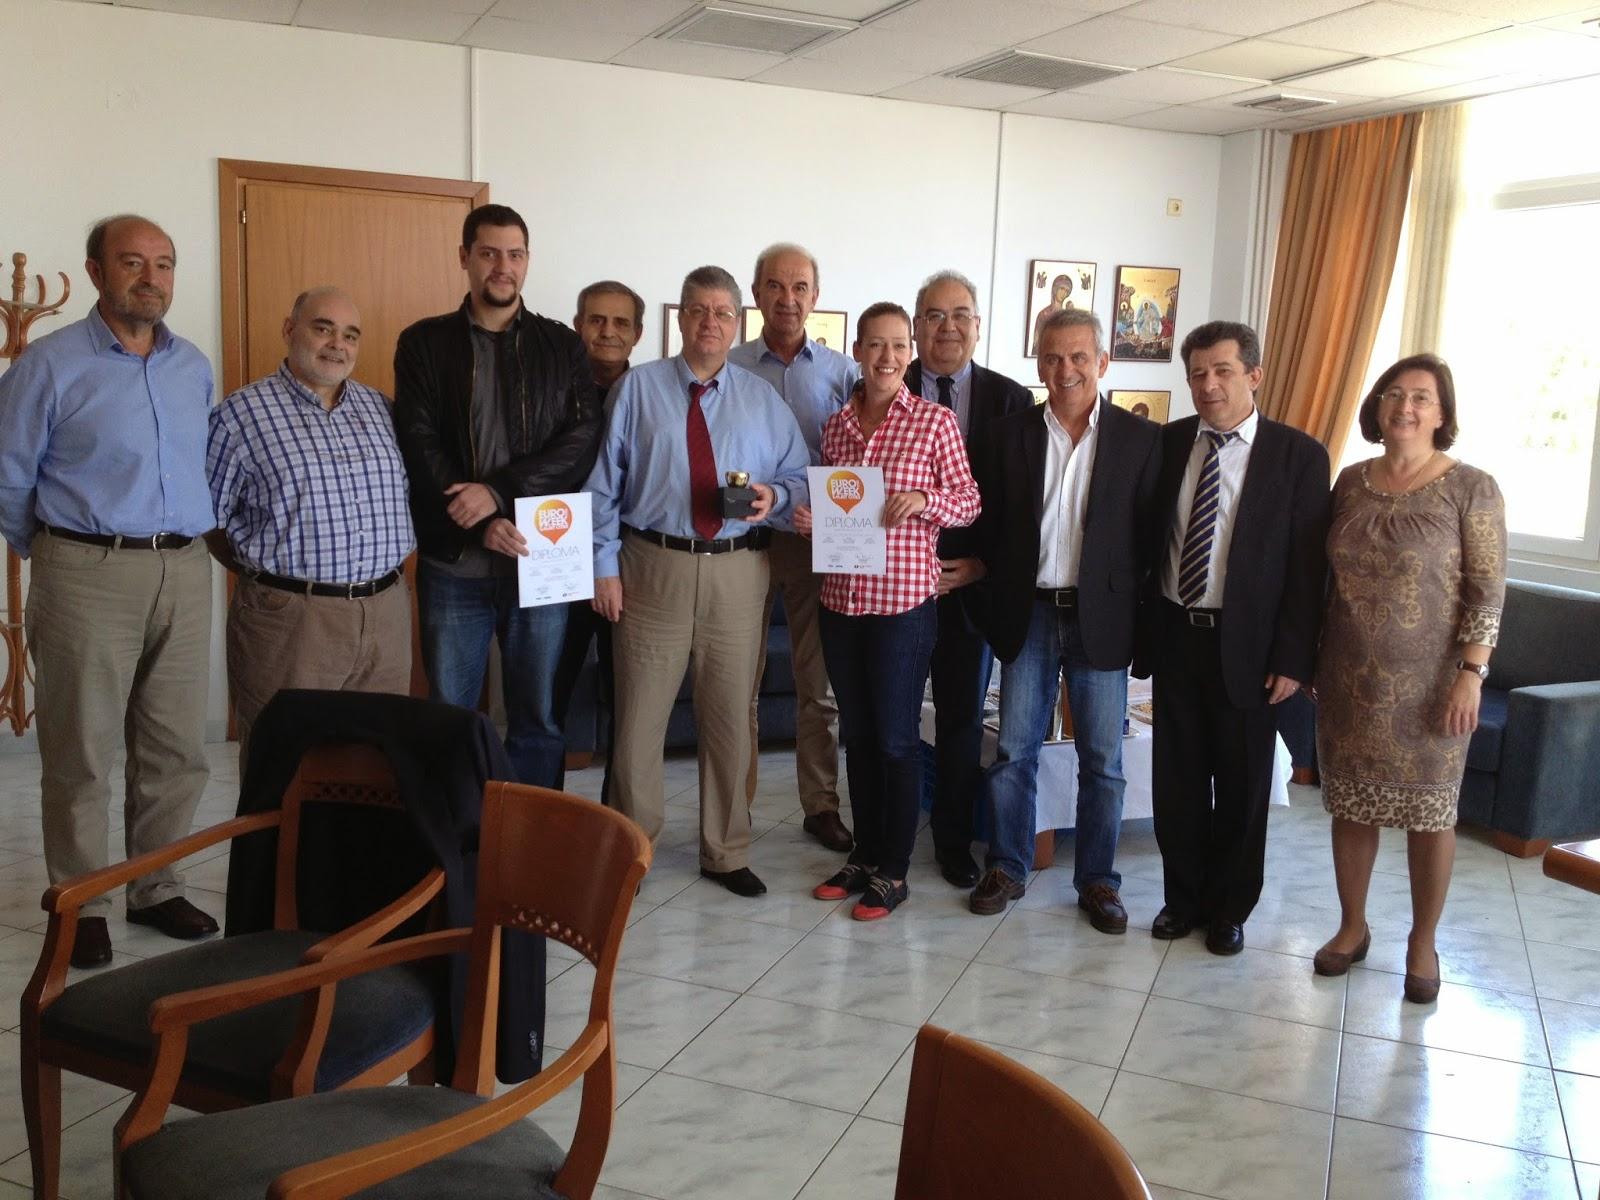 Κατέκτησαν το πρώτο βραβείο δύο φοιτητές του ΤΕΙ ΑΜΘ στις εργασίες της 20ης EUROWEEK